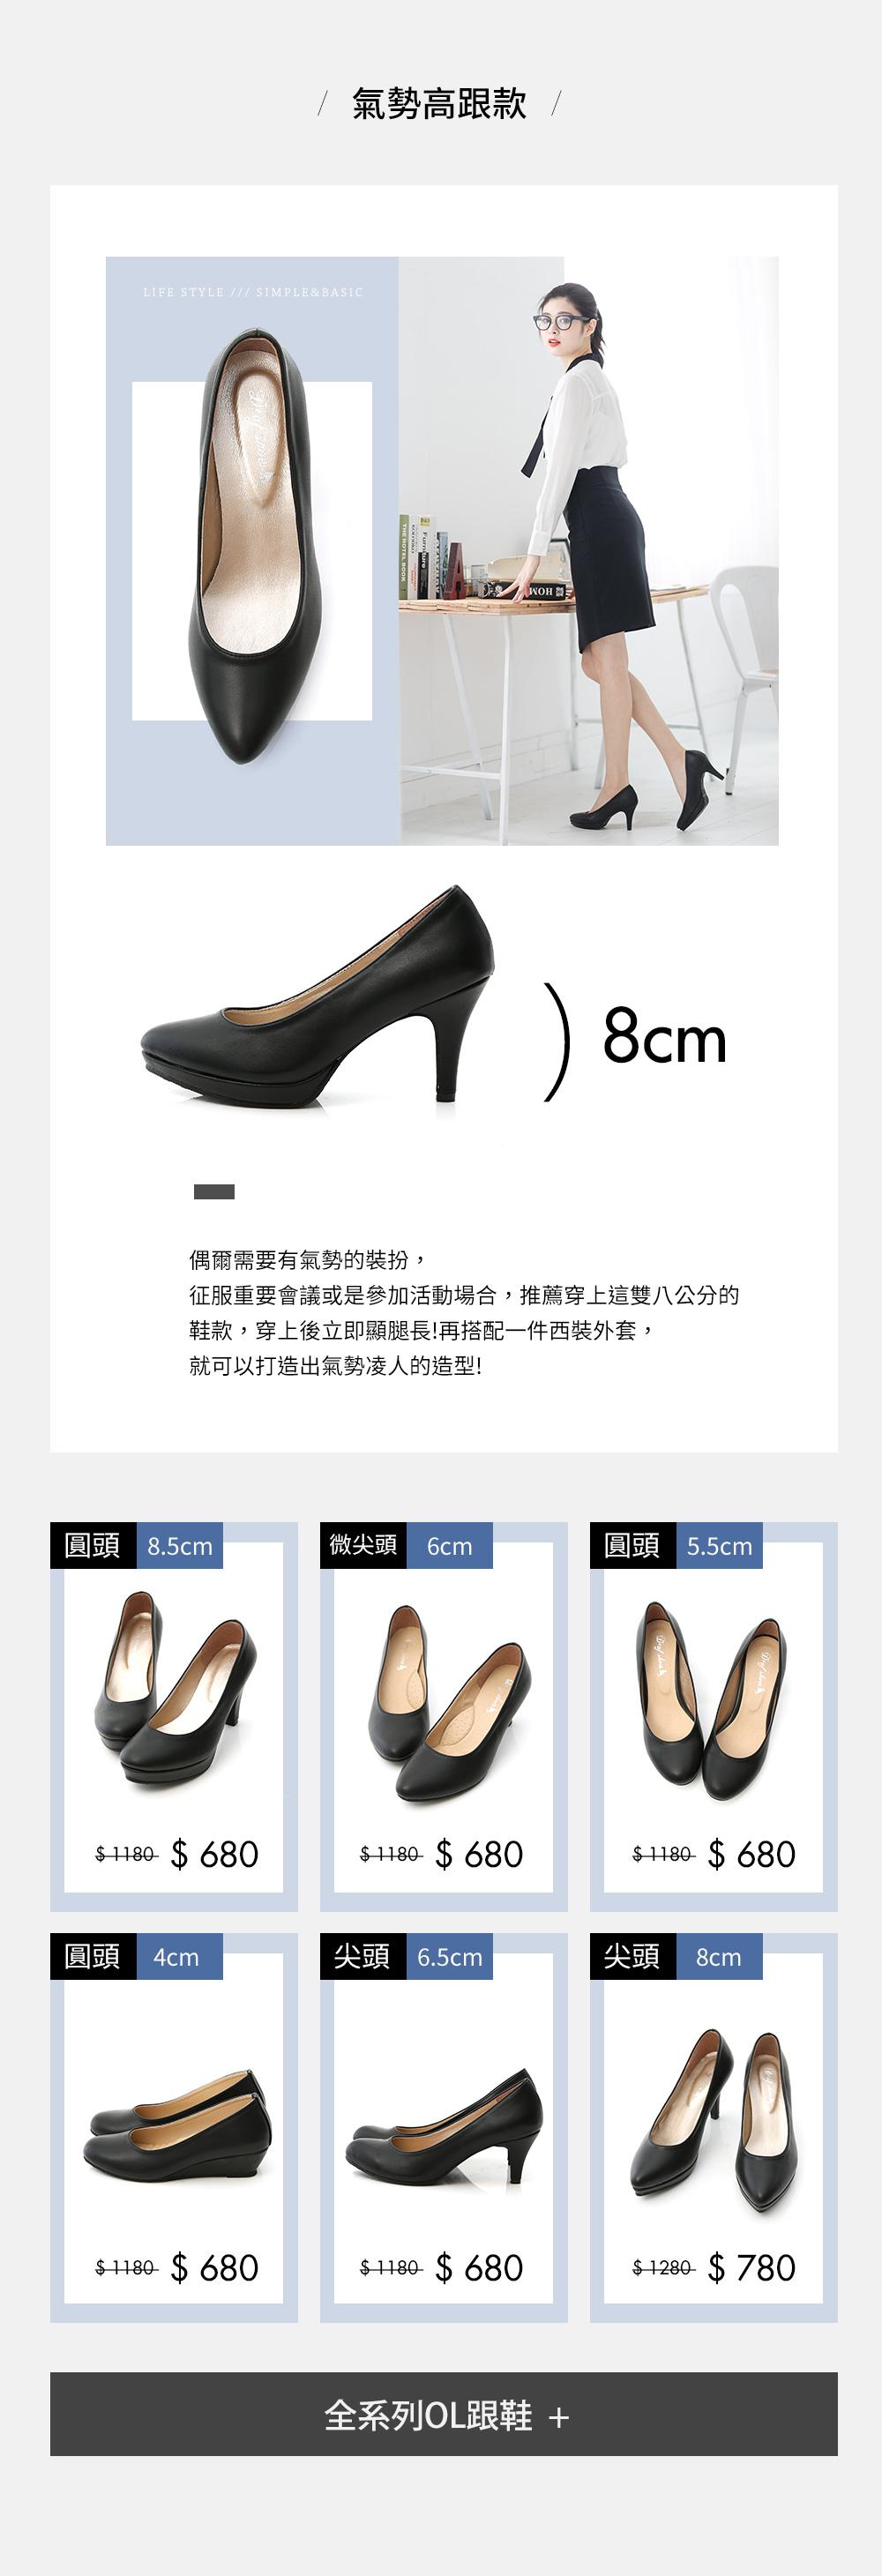 美腿比例.MIT素面尖頭8cm高跟鞋